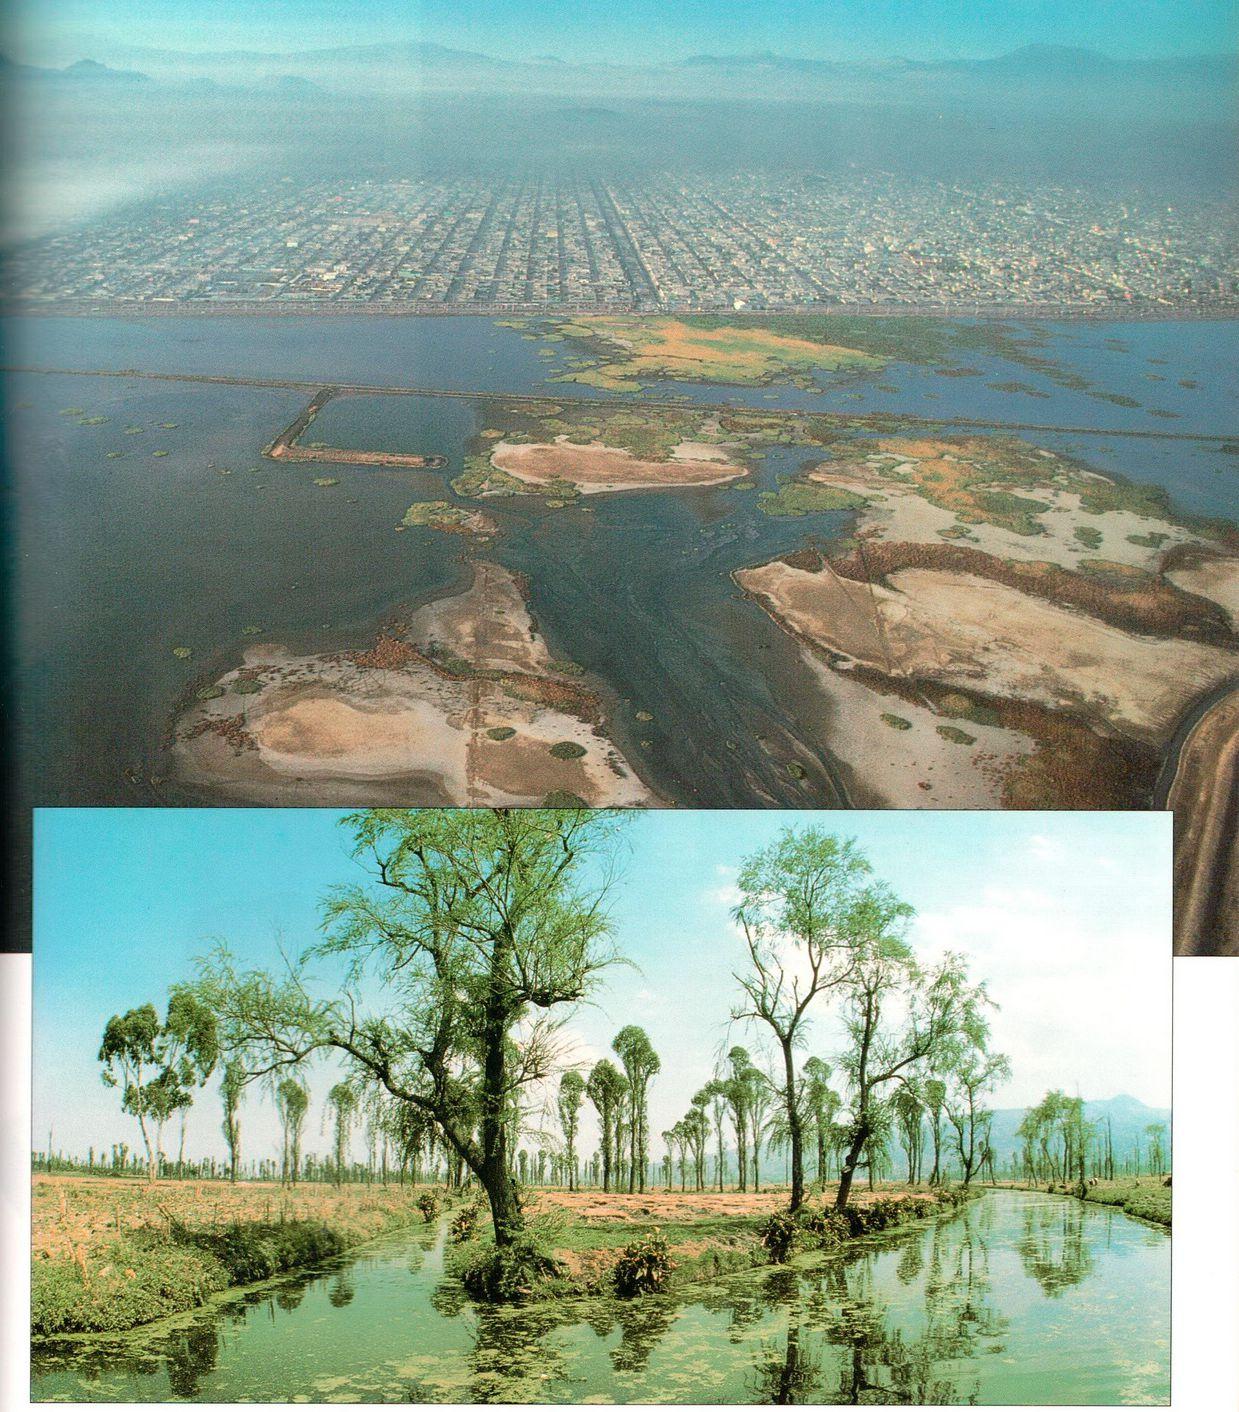 Мехико — один из крупнейших городов мира. Озеро Теекоко, на котором построен город,почти совсем исчезло.